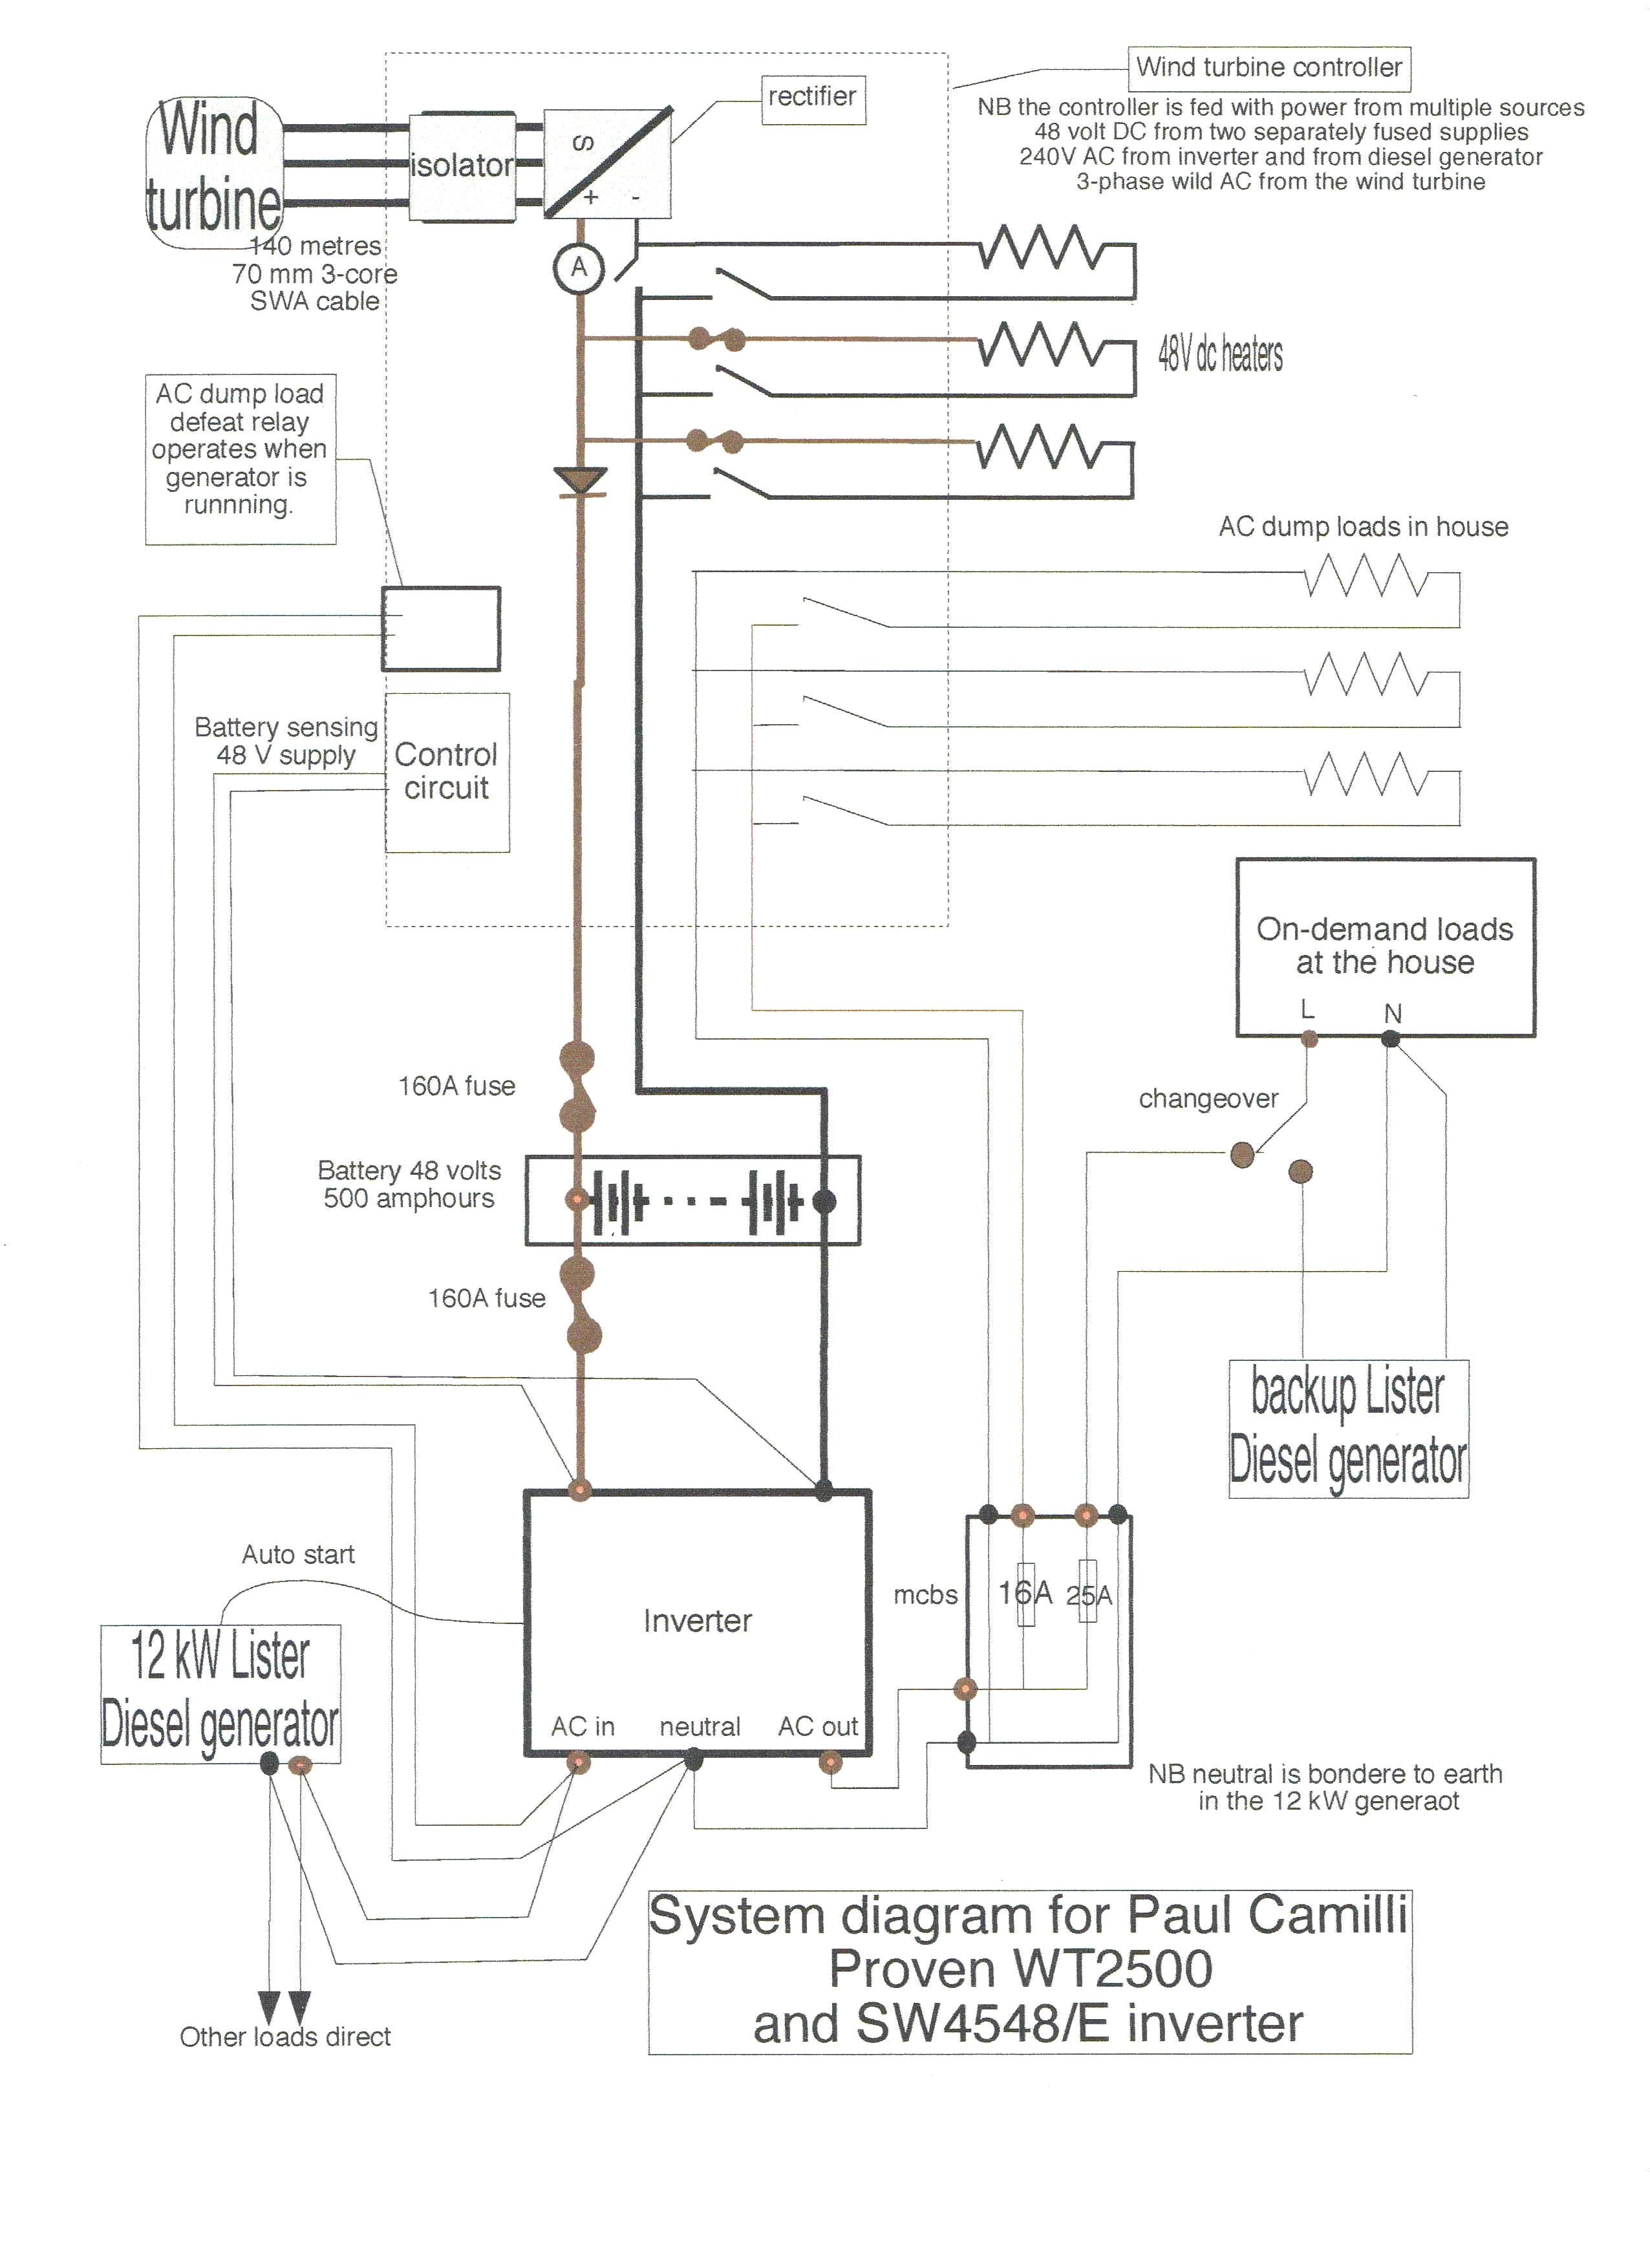 hatz alternator wiring diagram wiring diagrams hatz engine wiring diagram